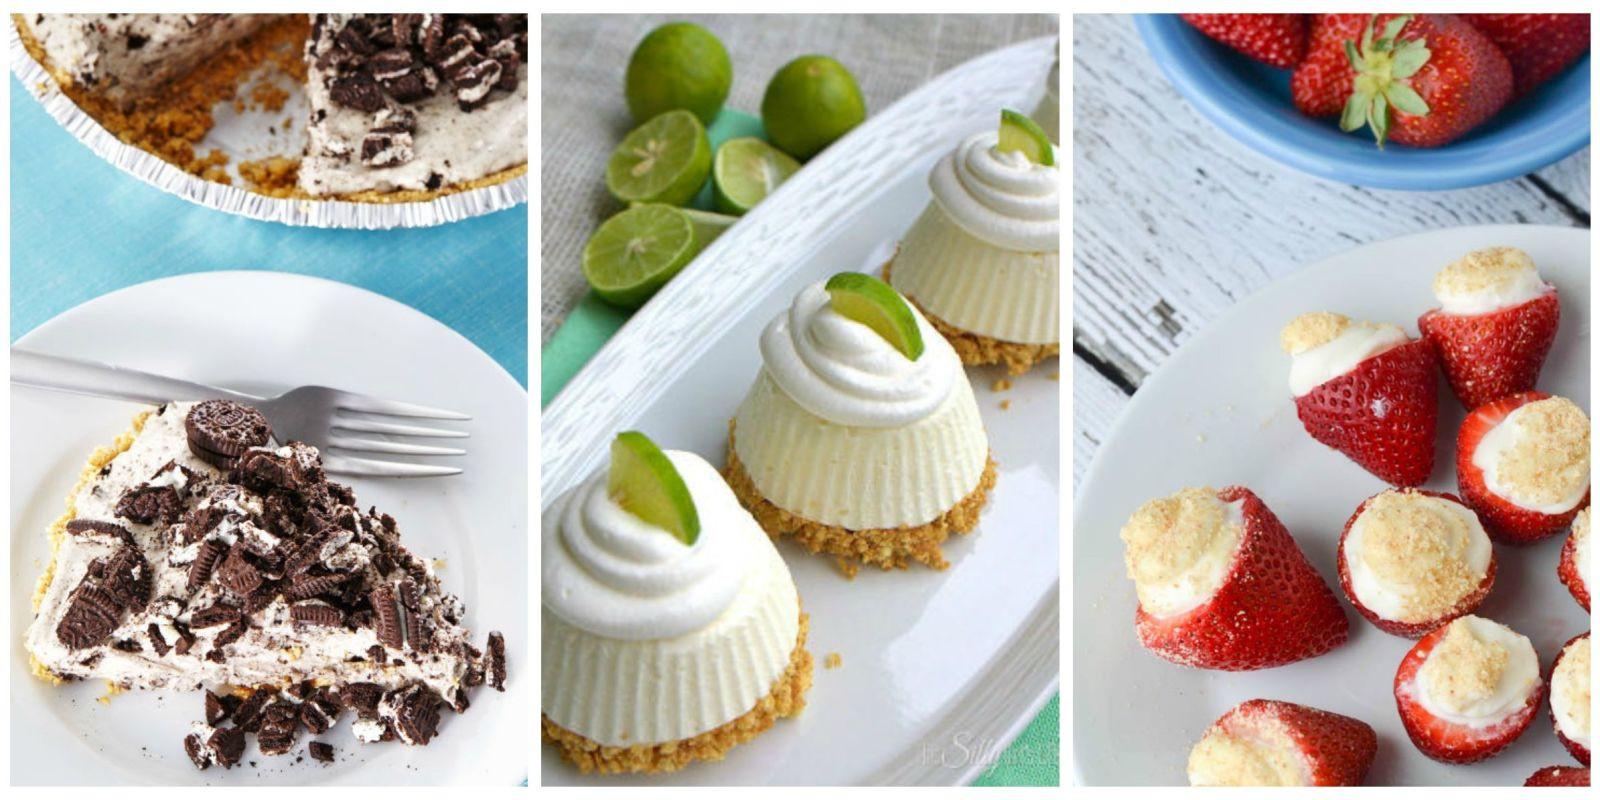 Best Summer Desserts  57 Easy Summer Desserts Best Recipes for Frozen Summer